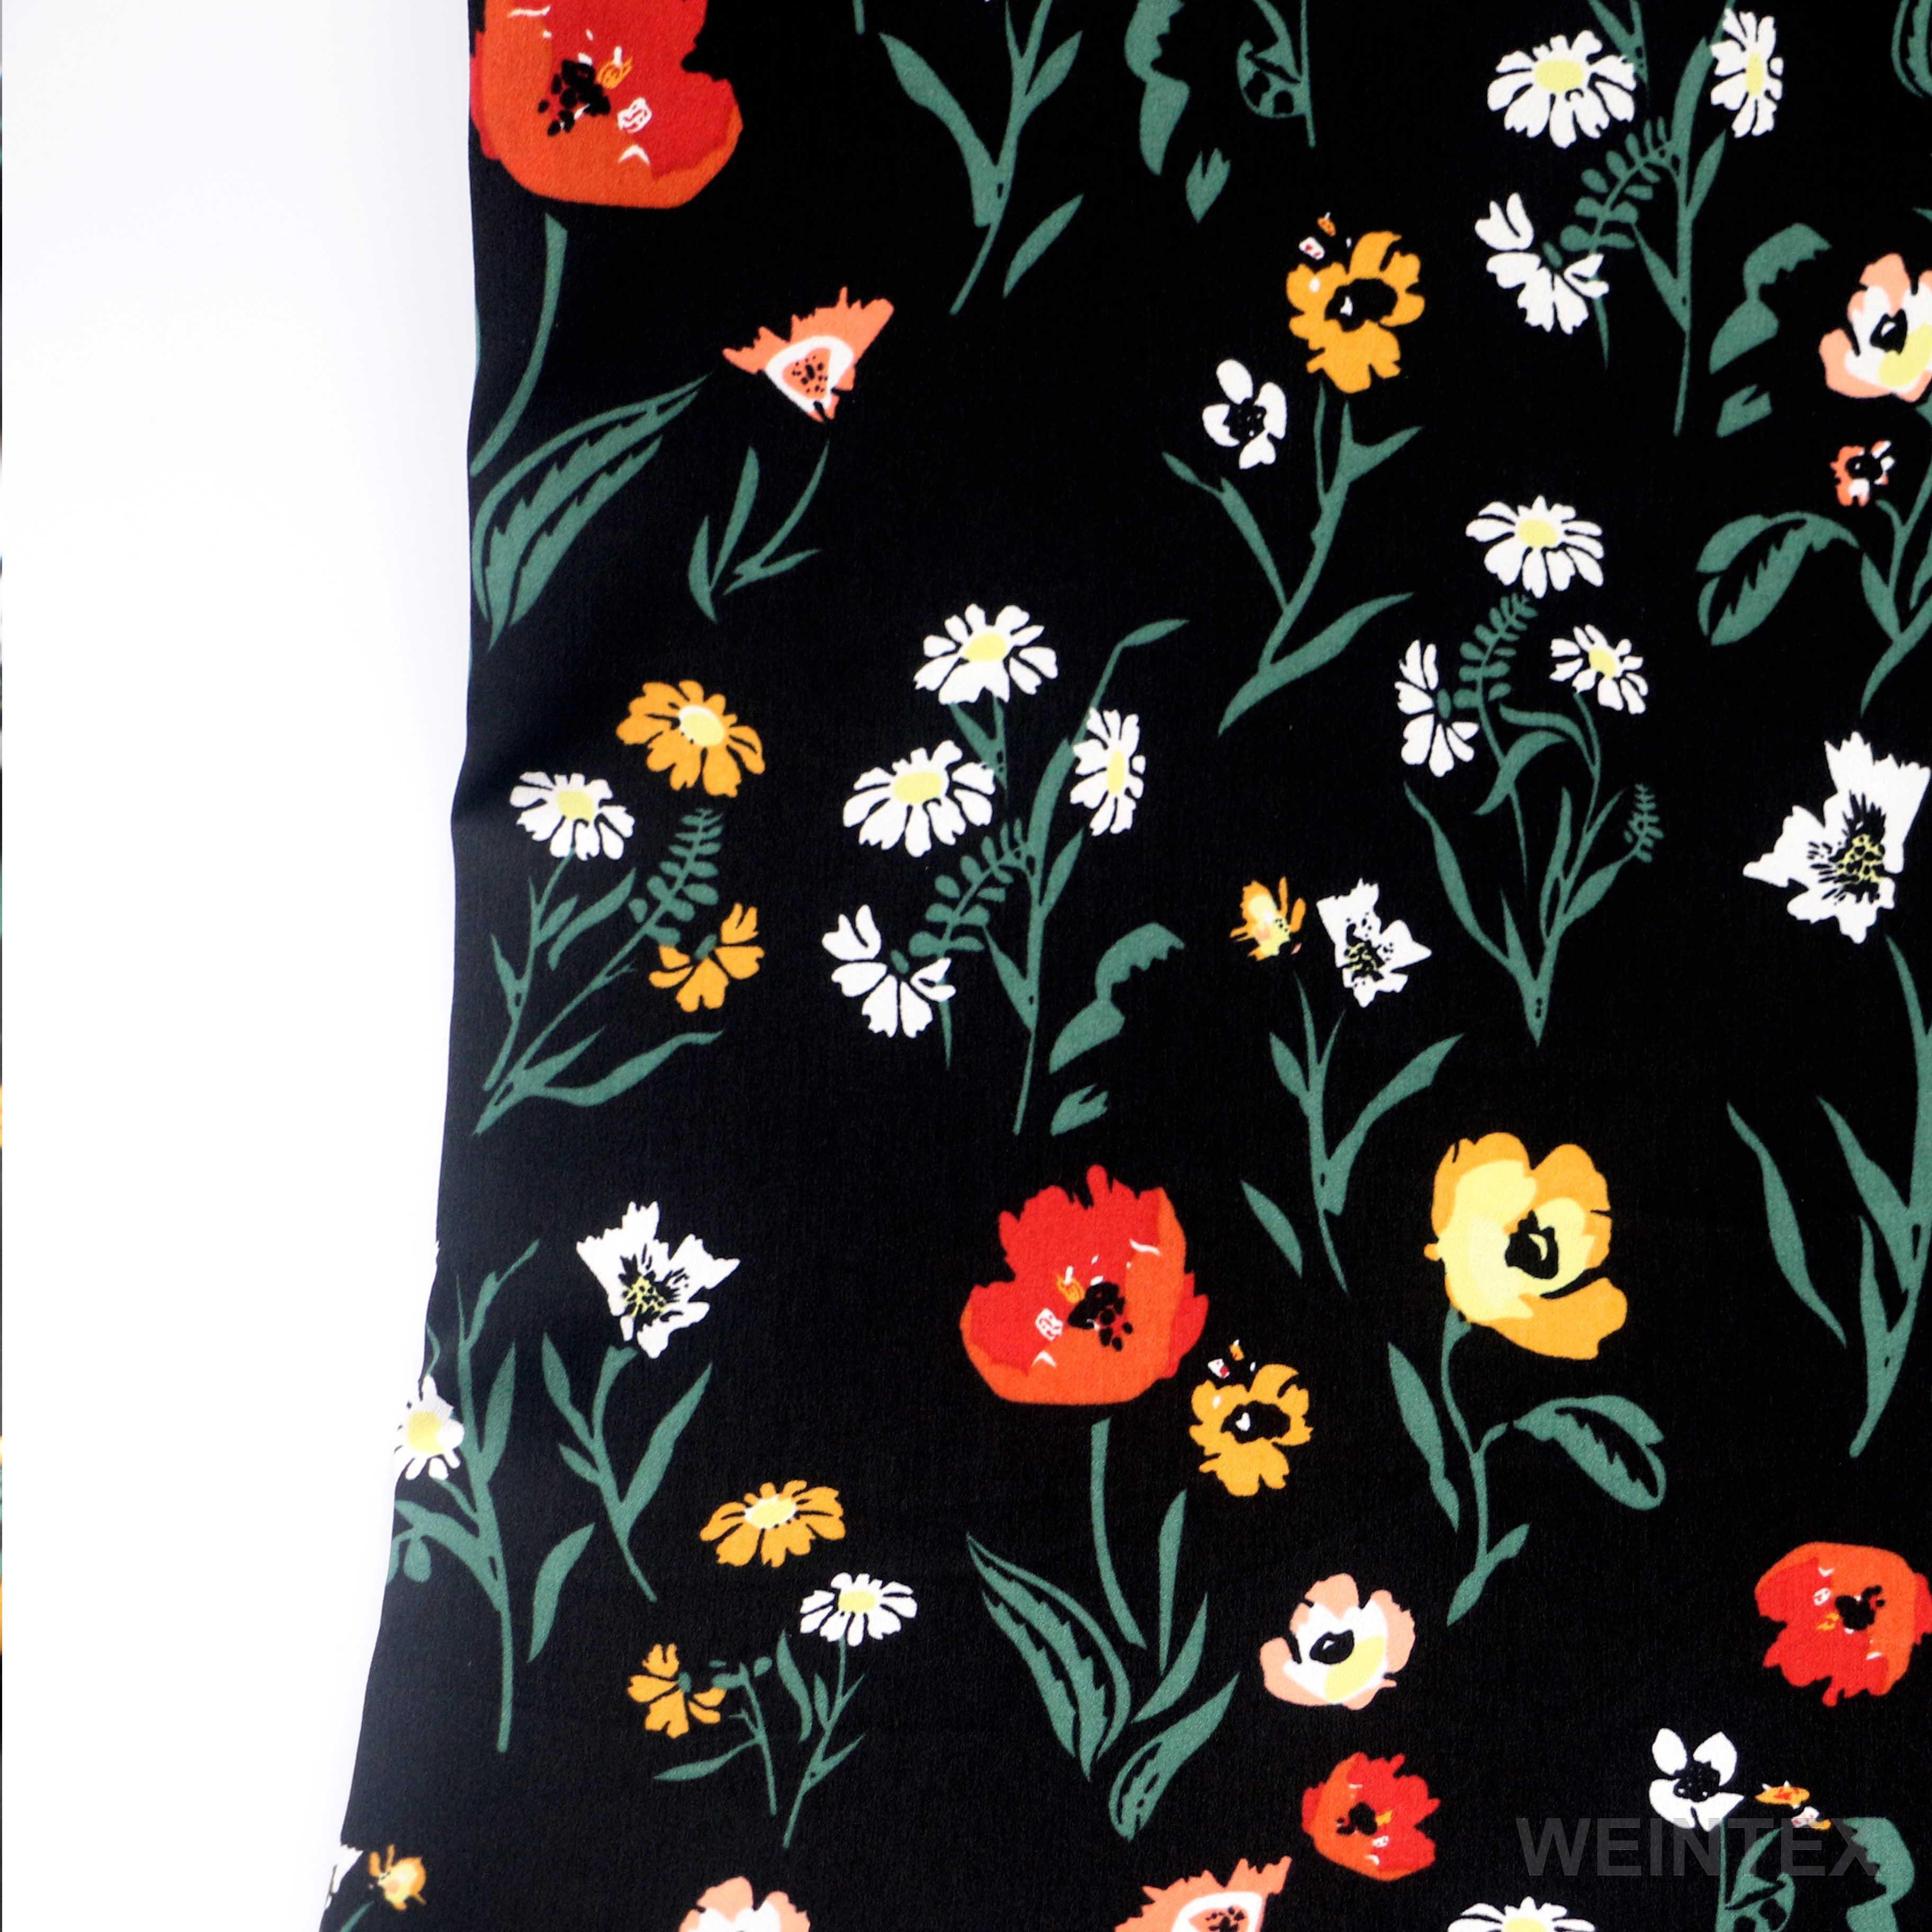 WI-A01สต็อก30d Gauzy ผ้าชีฟองวัสดุผ้าสำหรับเด็กผ้า